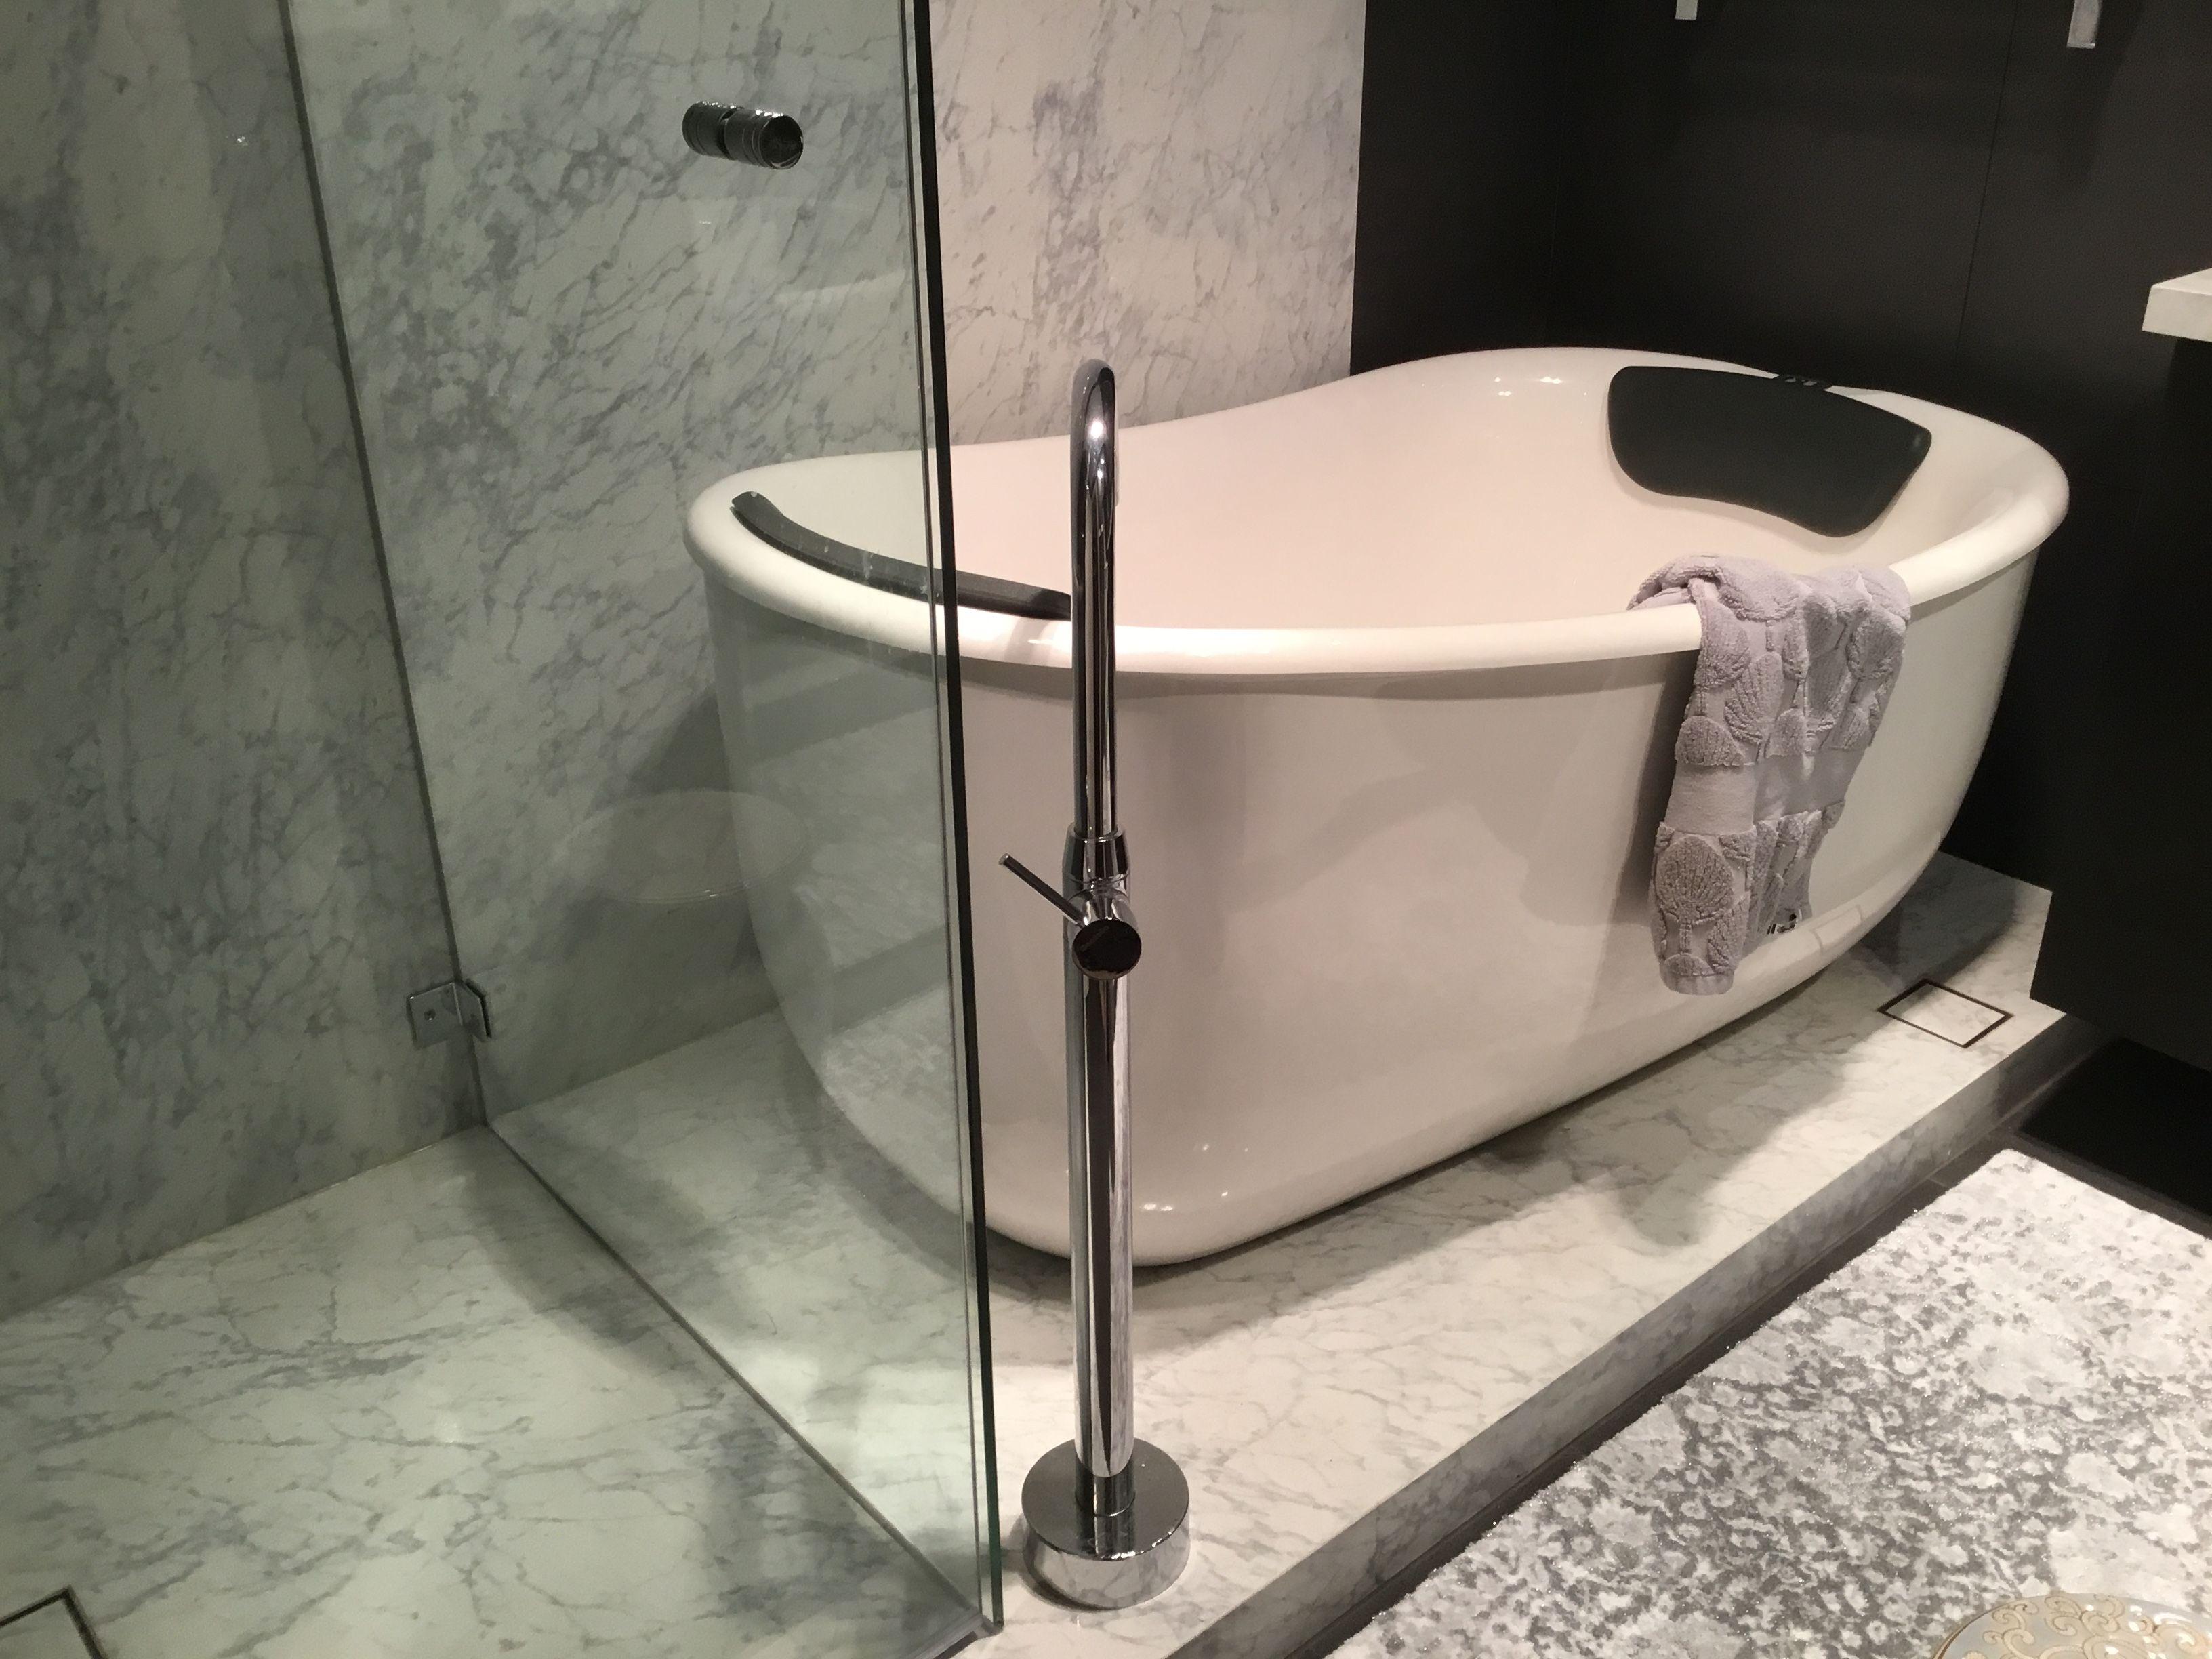 AQVA Tivoli 1500 Freestanding Spa Bath http://www.aqva.com.au | AQVA ...